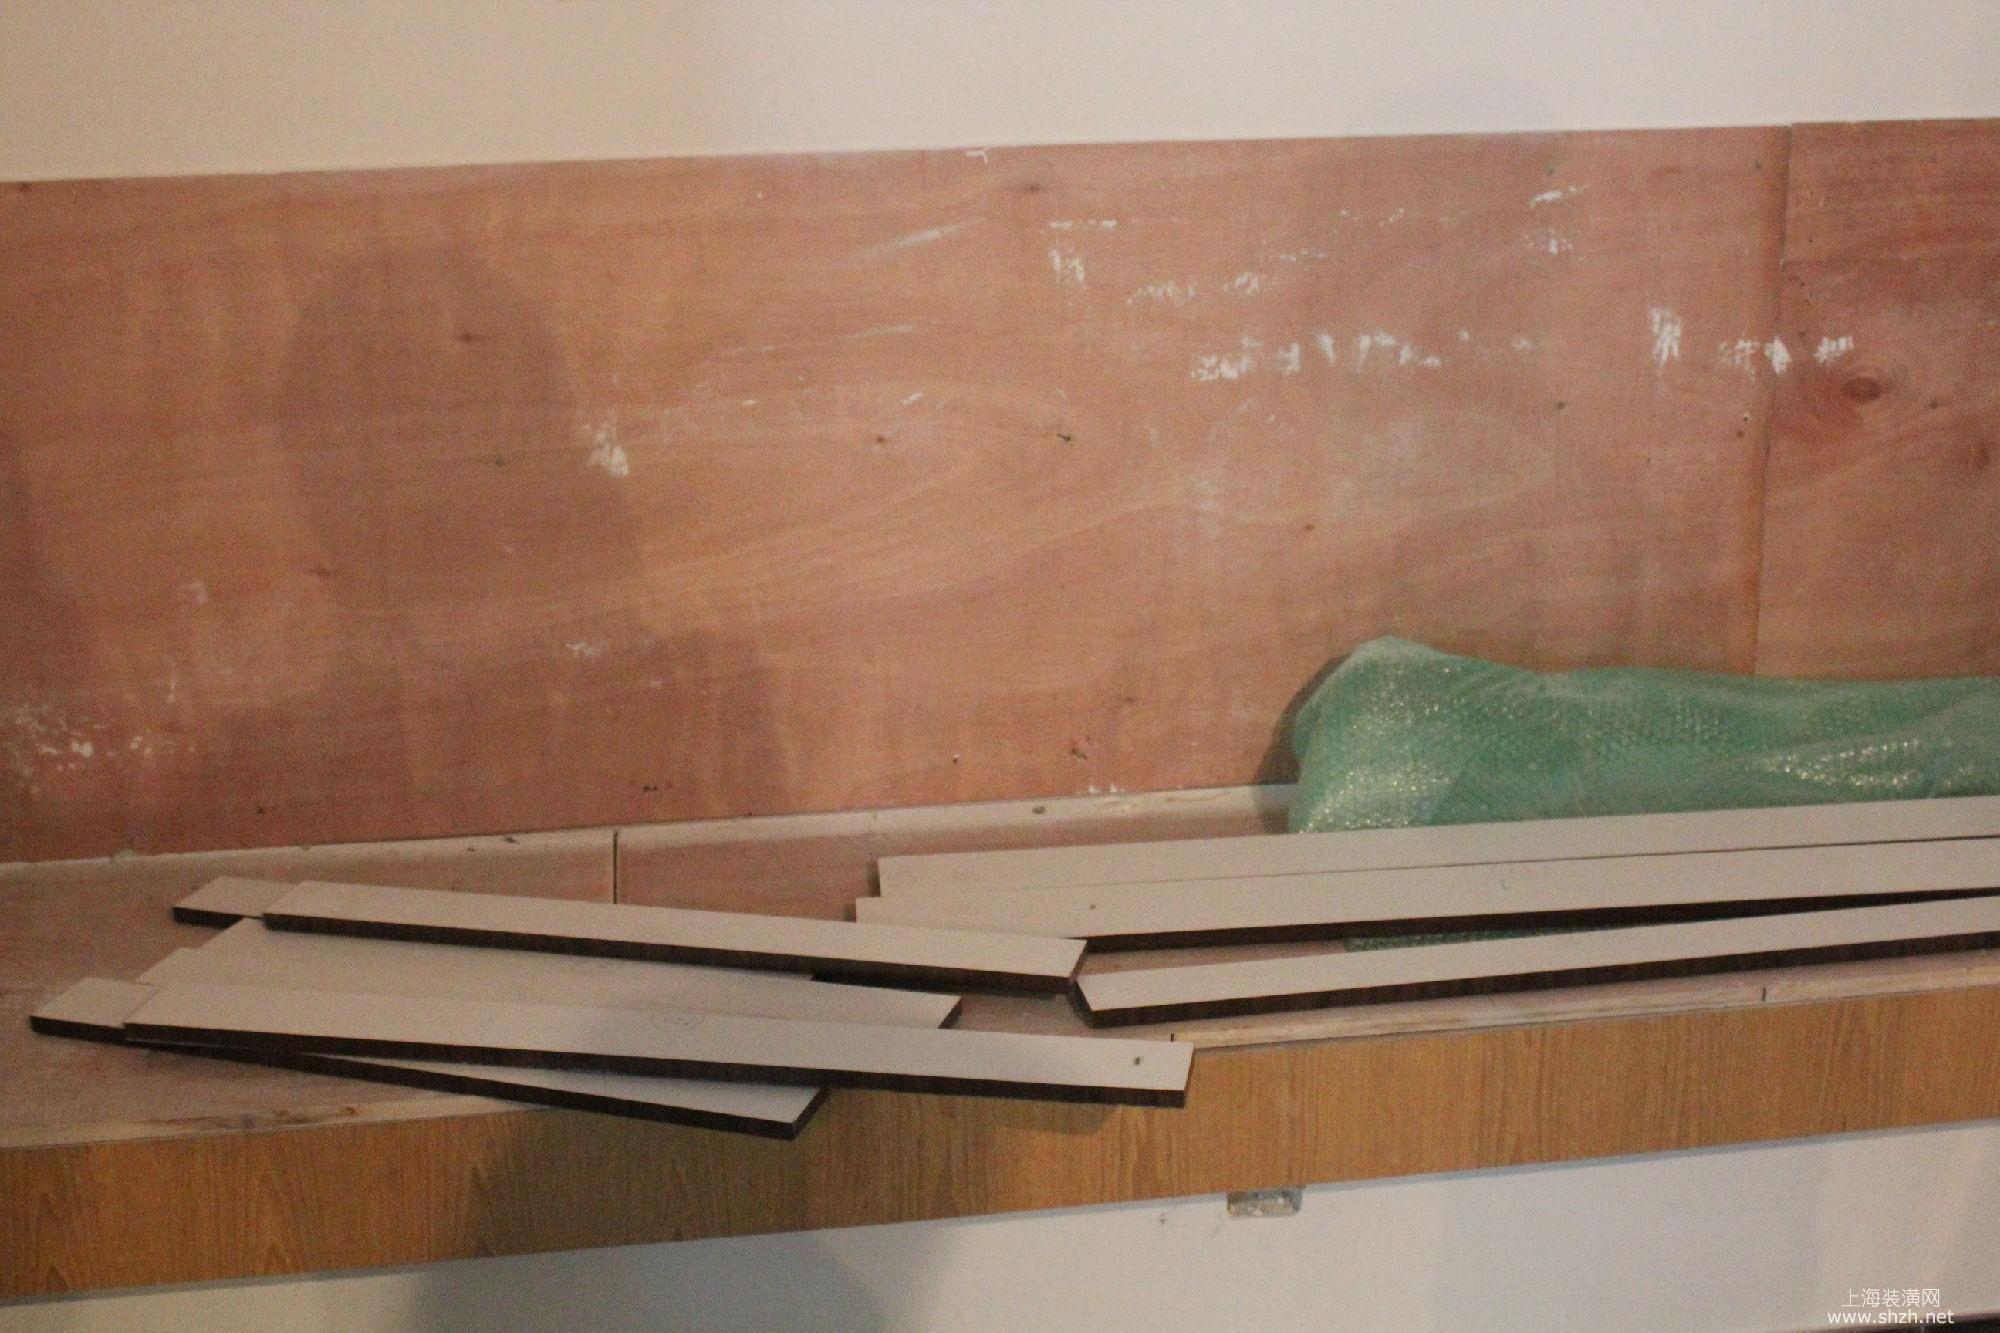 名兔e1级木工板被换成小白松细木工板,他拍照为证,要求施工方合理答复